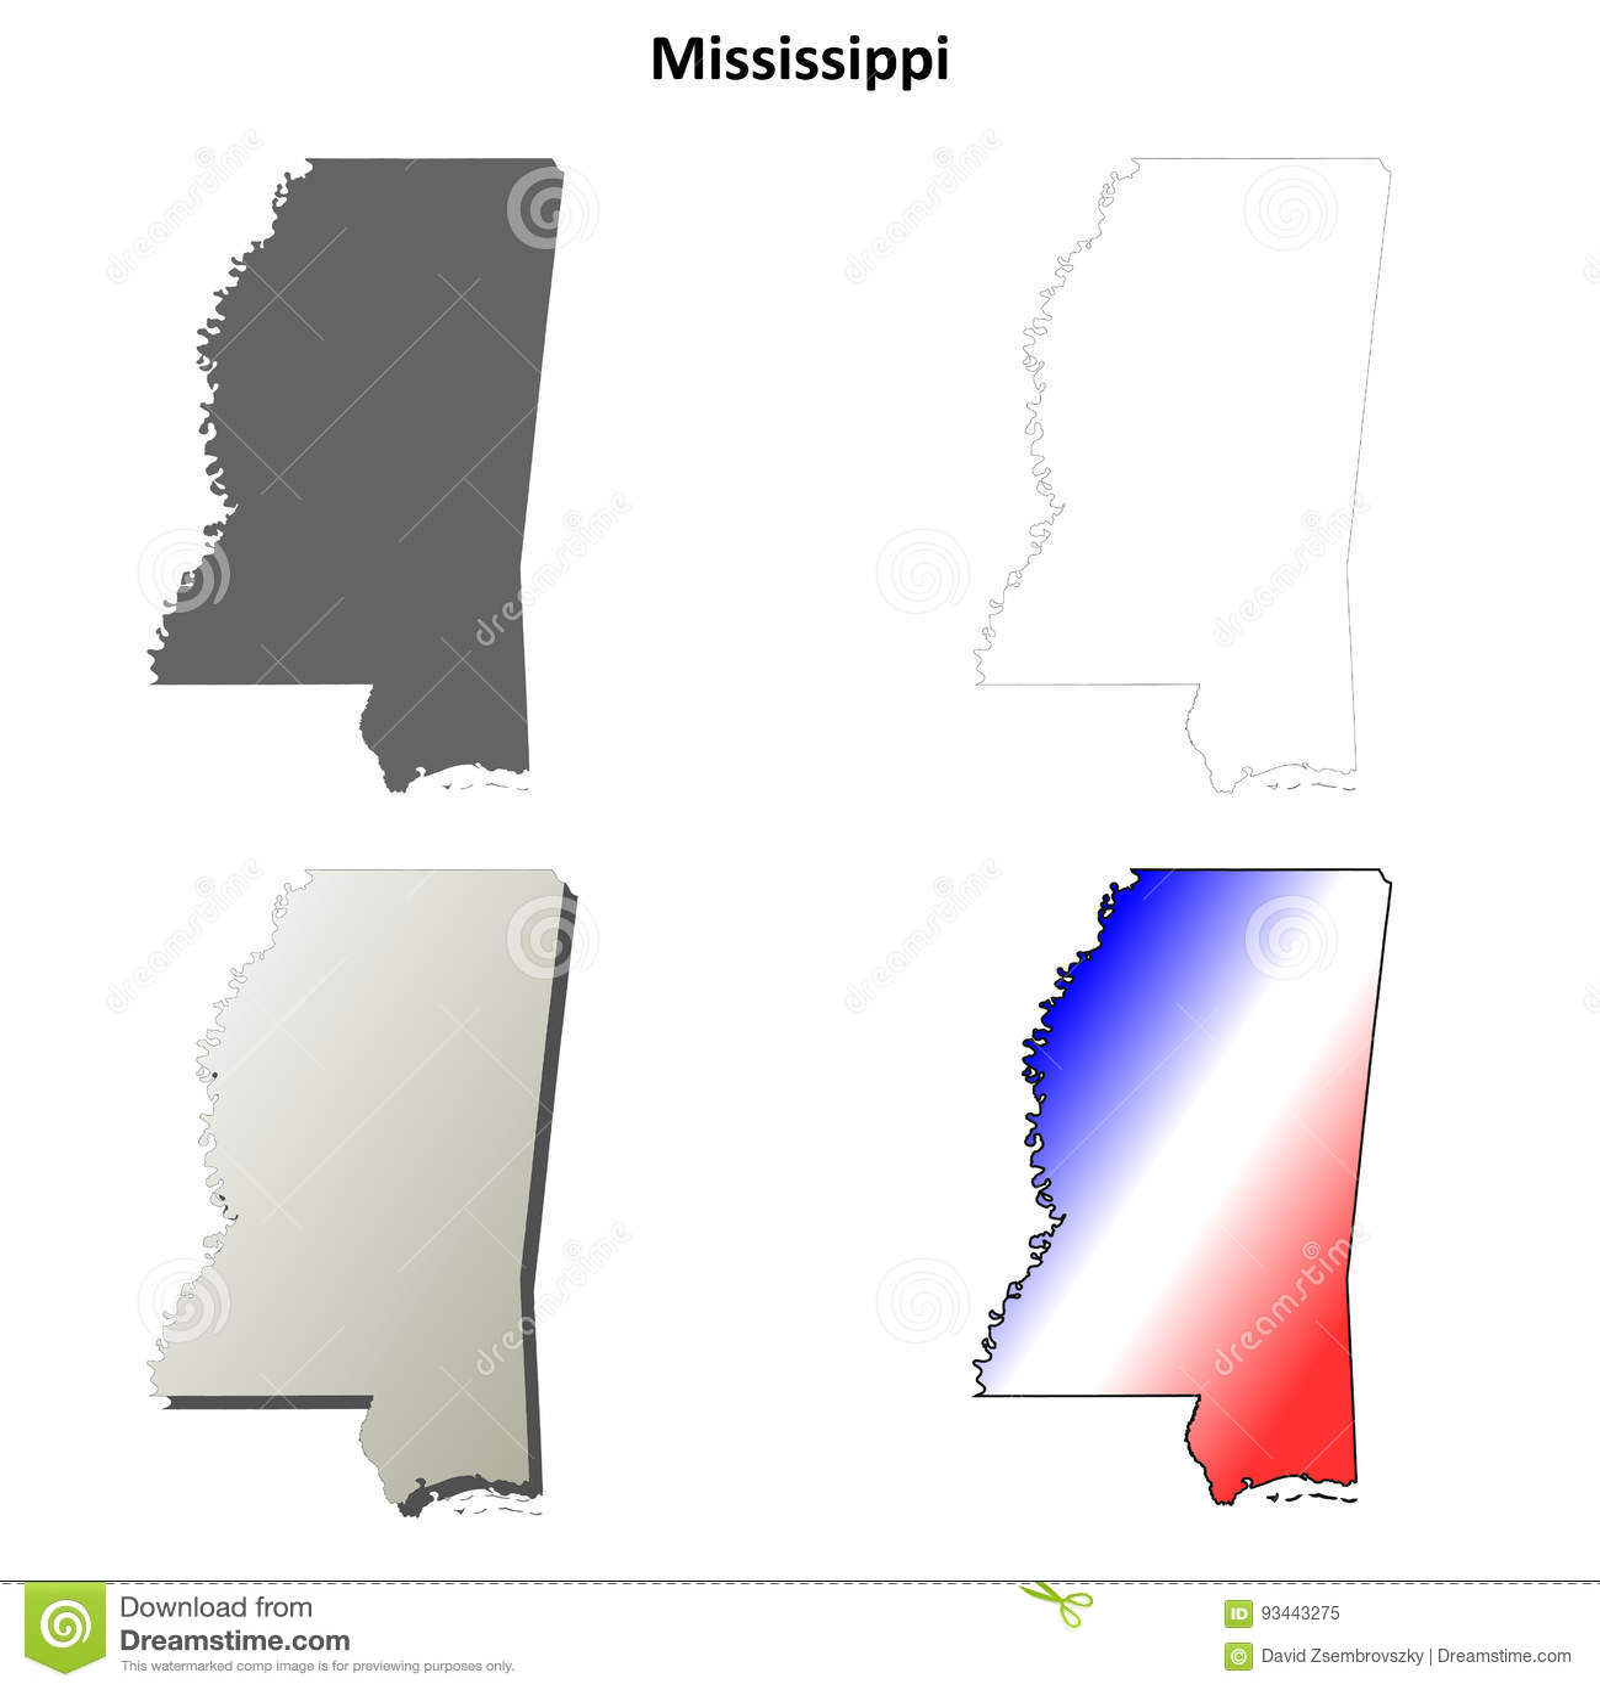 Mississippi State Map Outline.Mississippi Outline Map Set Stock Vector Illustration Of